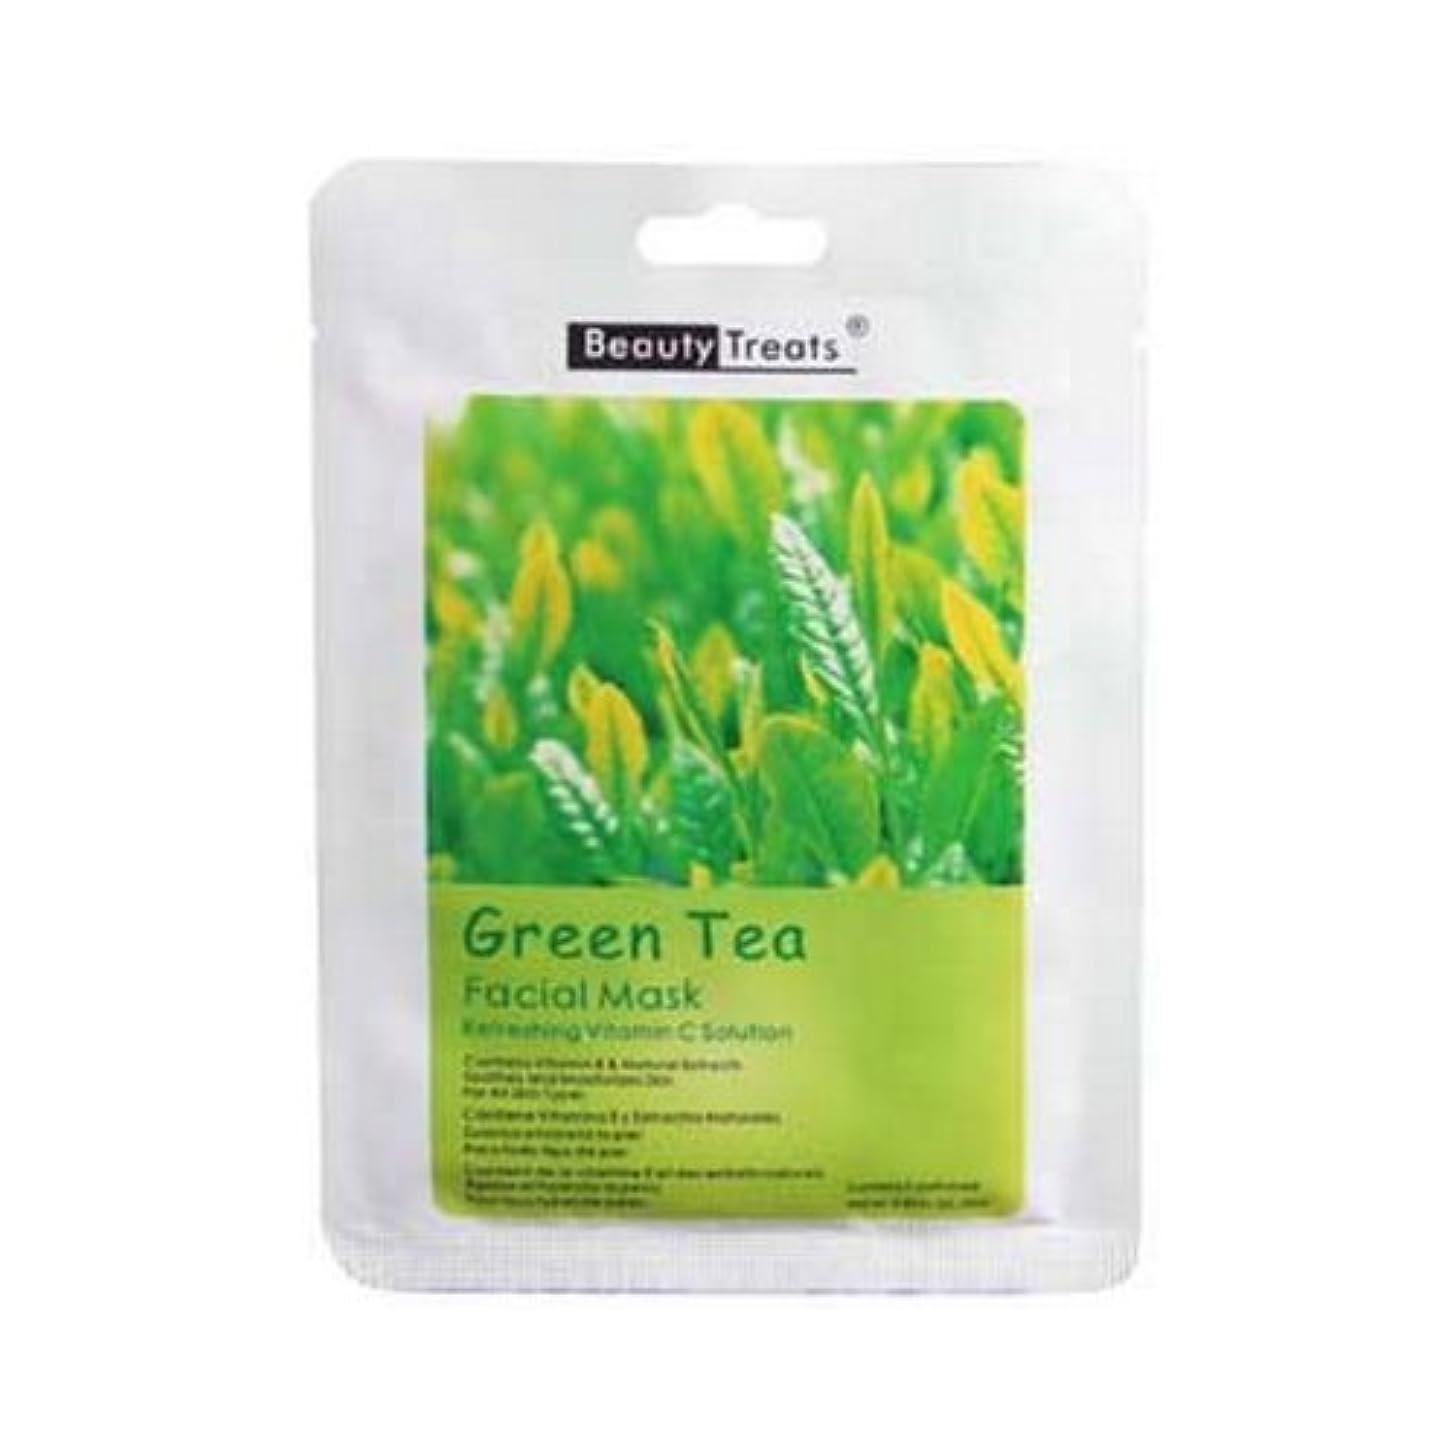 請う別の矛盾する(6 Pack) BEAUTY TREATS Facial Mask Refreshing Vitamin C Solution - Green Tea (並行輸入品)